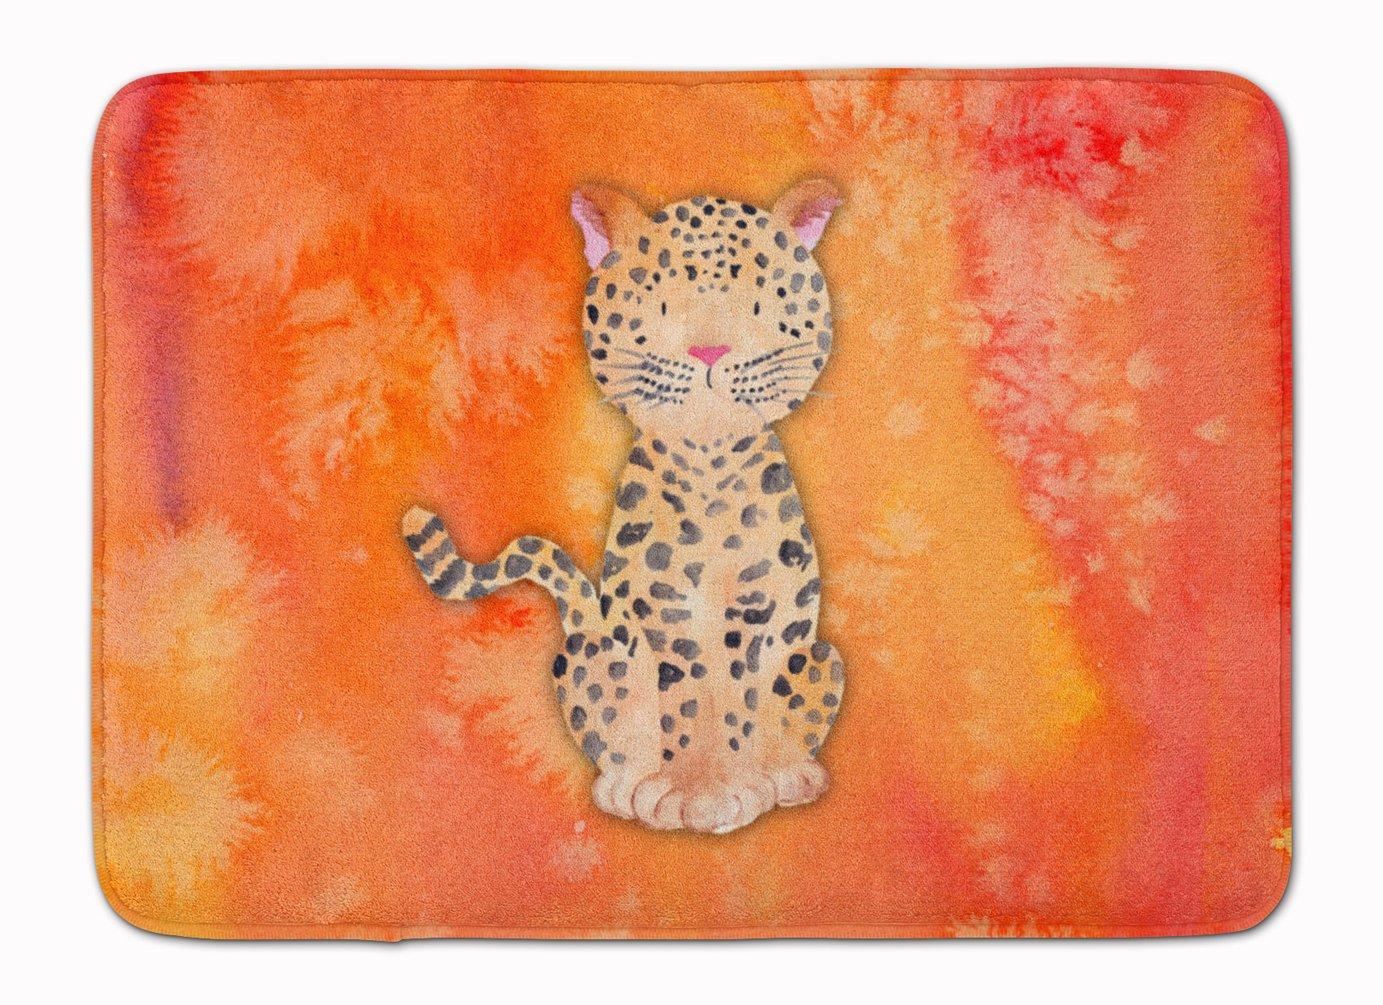 Carolines Treasures Leopard Watercolor Floor Mat 19 x 27 Multicolor